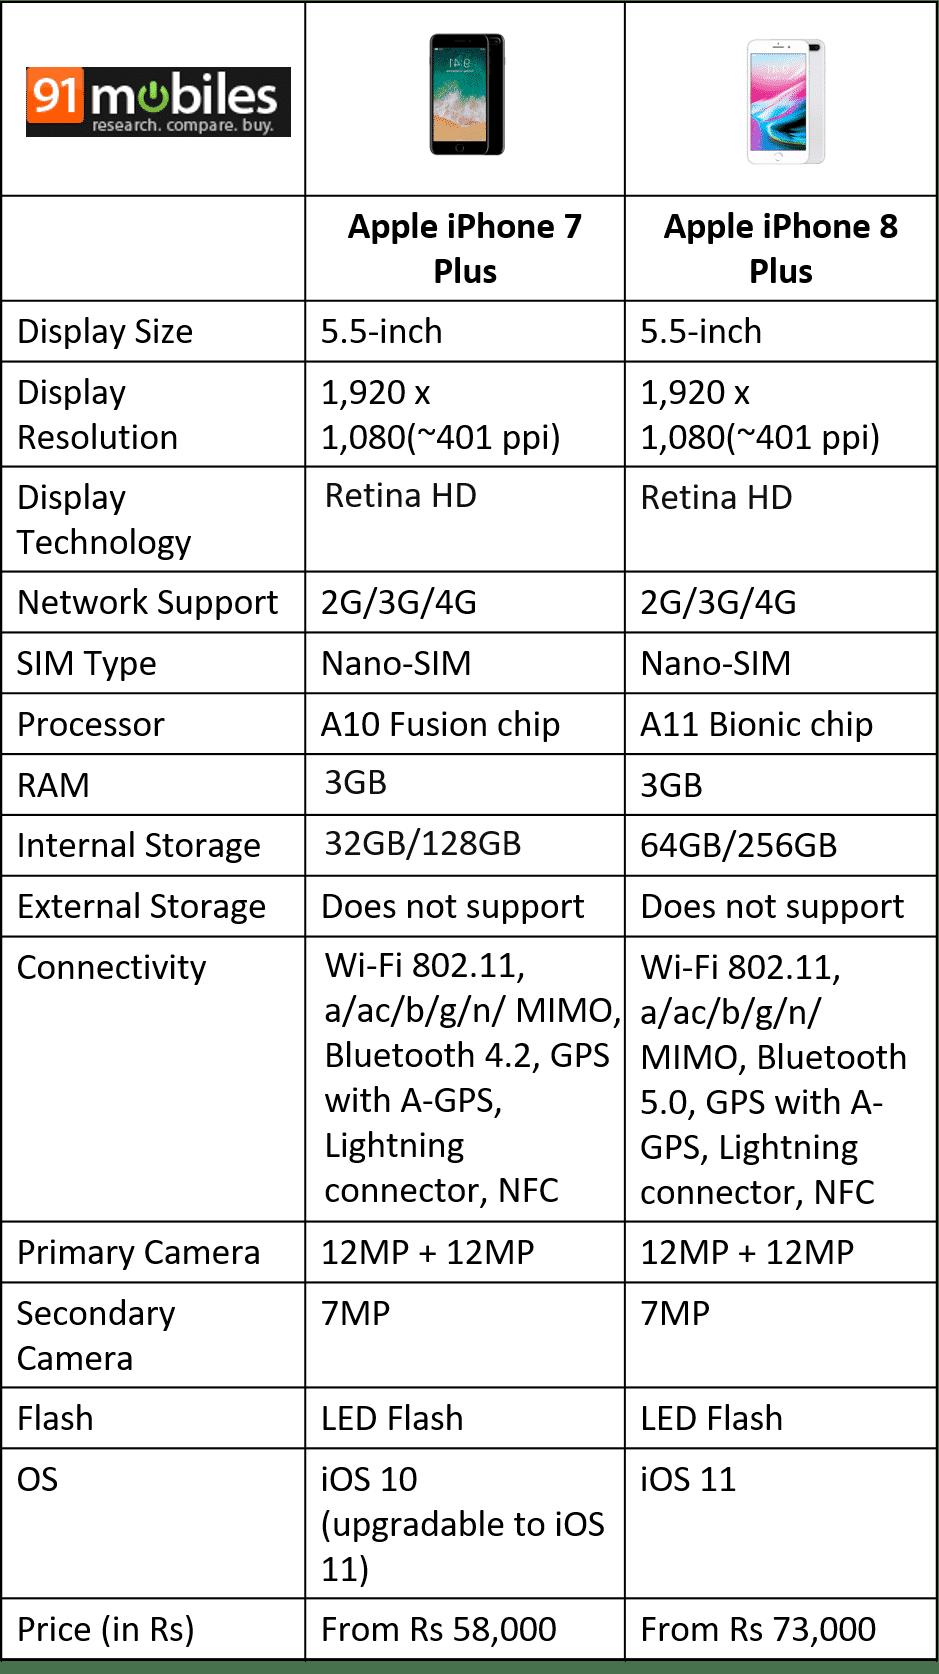 iPhone 8 Plus comparison